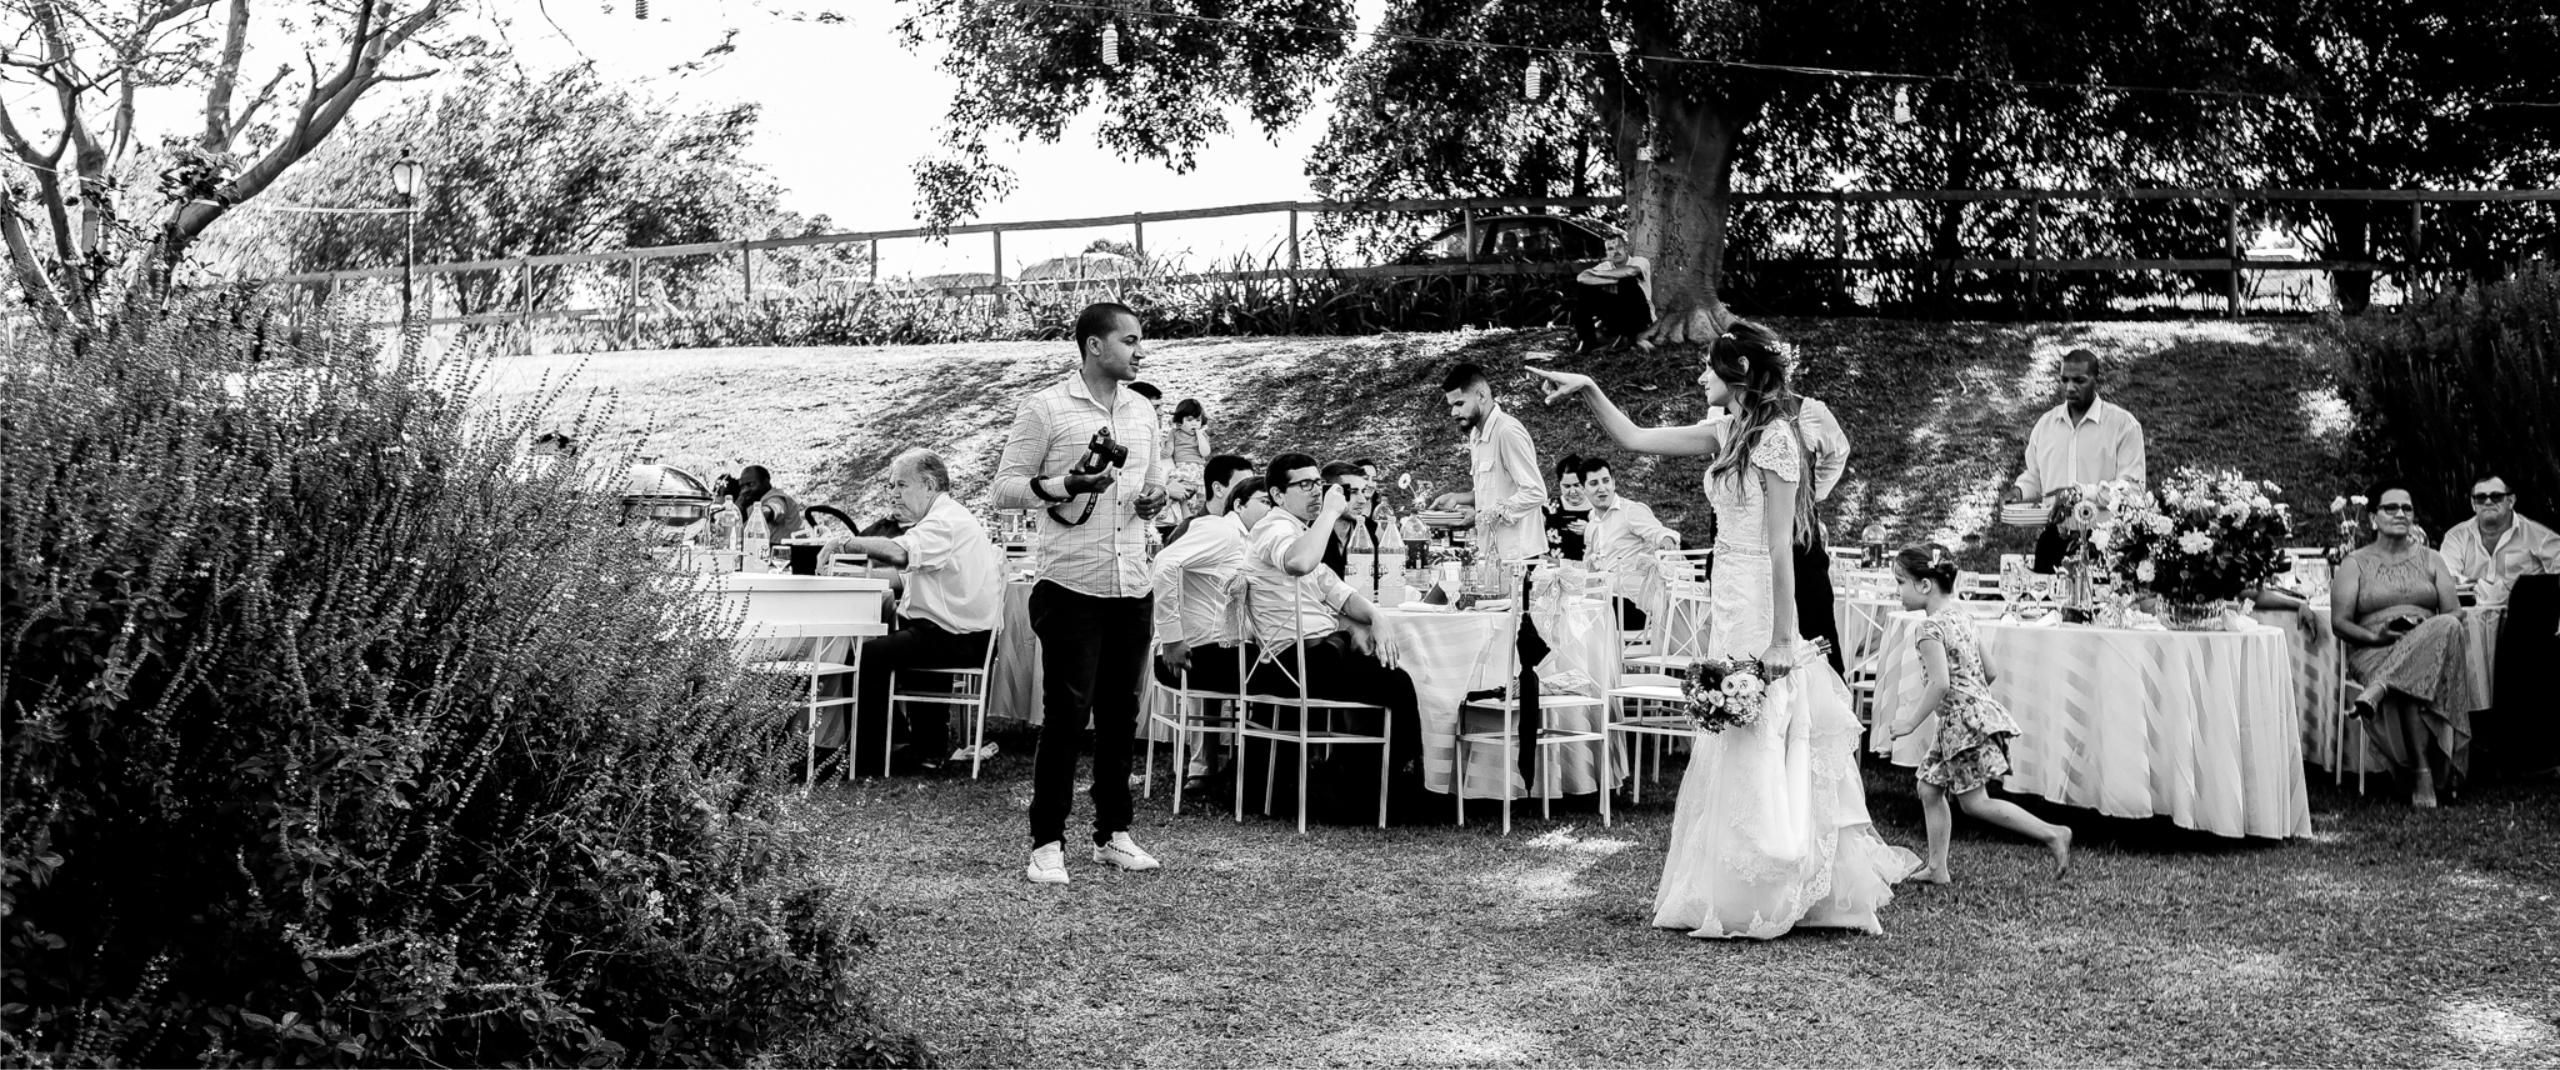 Sobre Breno Martins Fotografia - Fotógrafo de Casamento